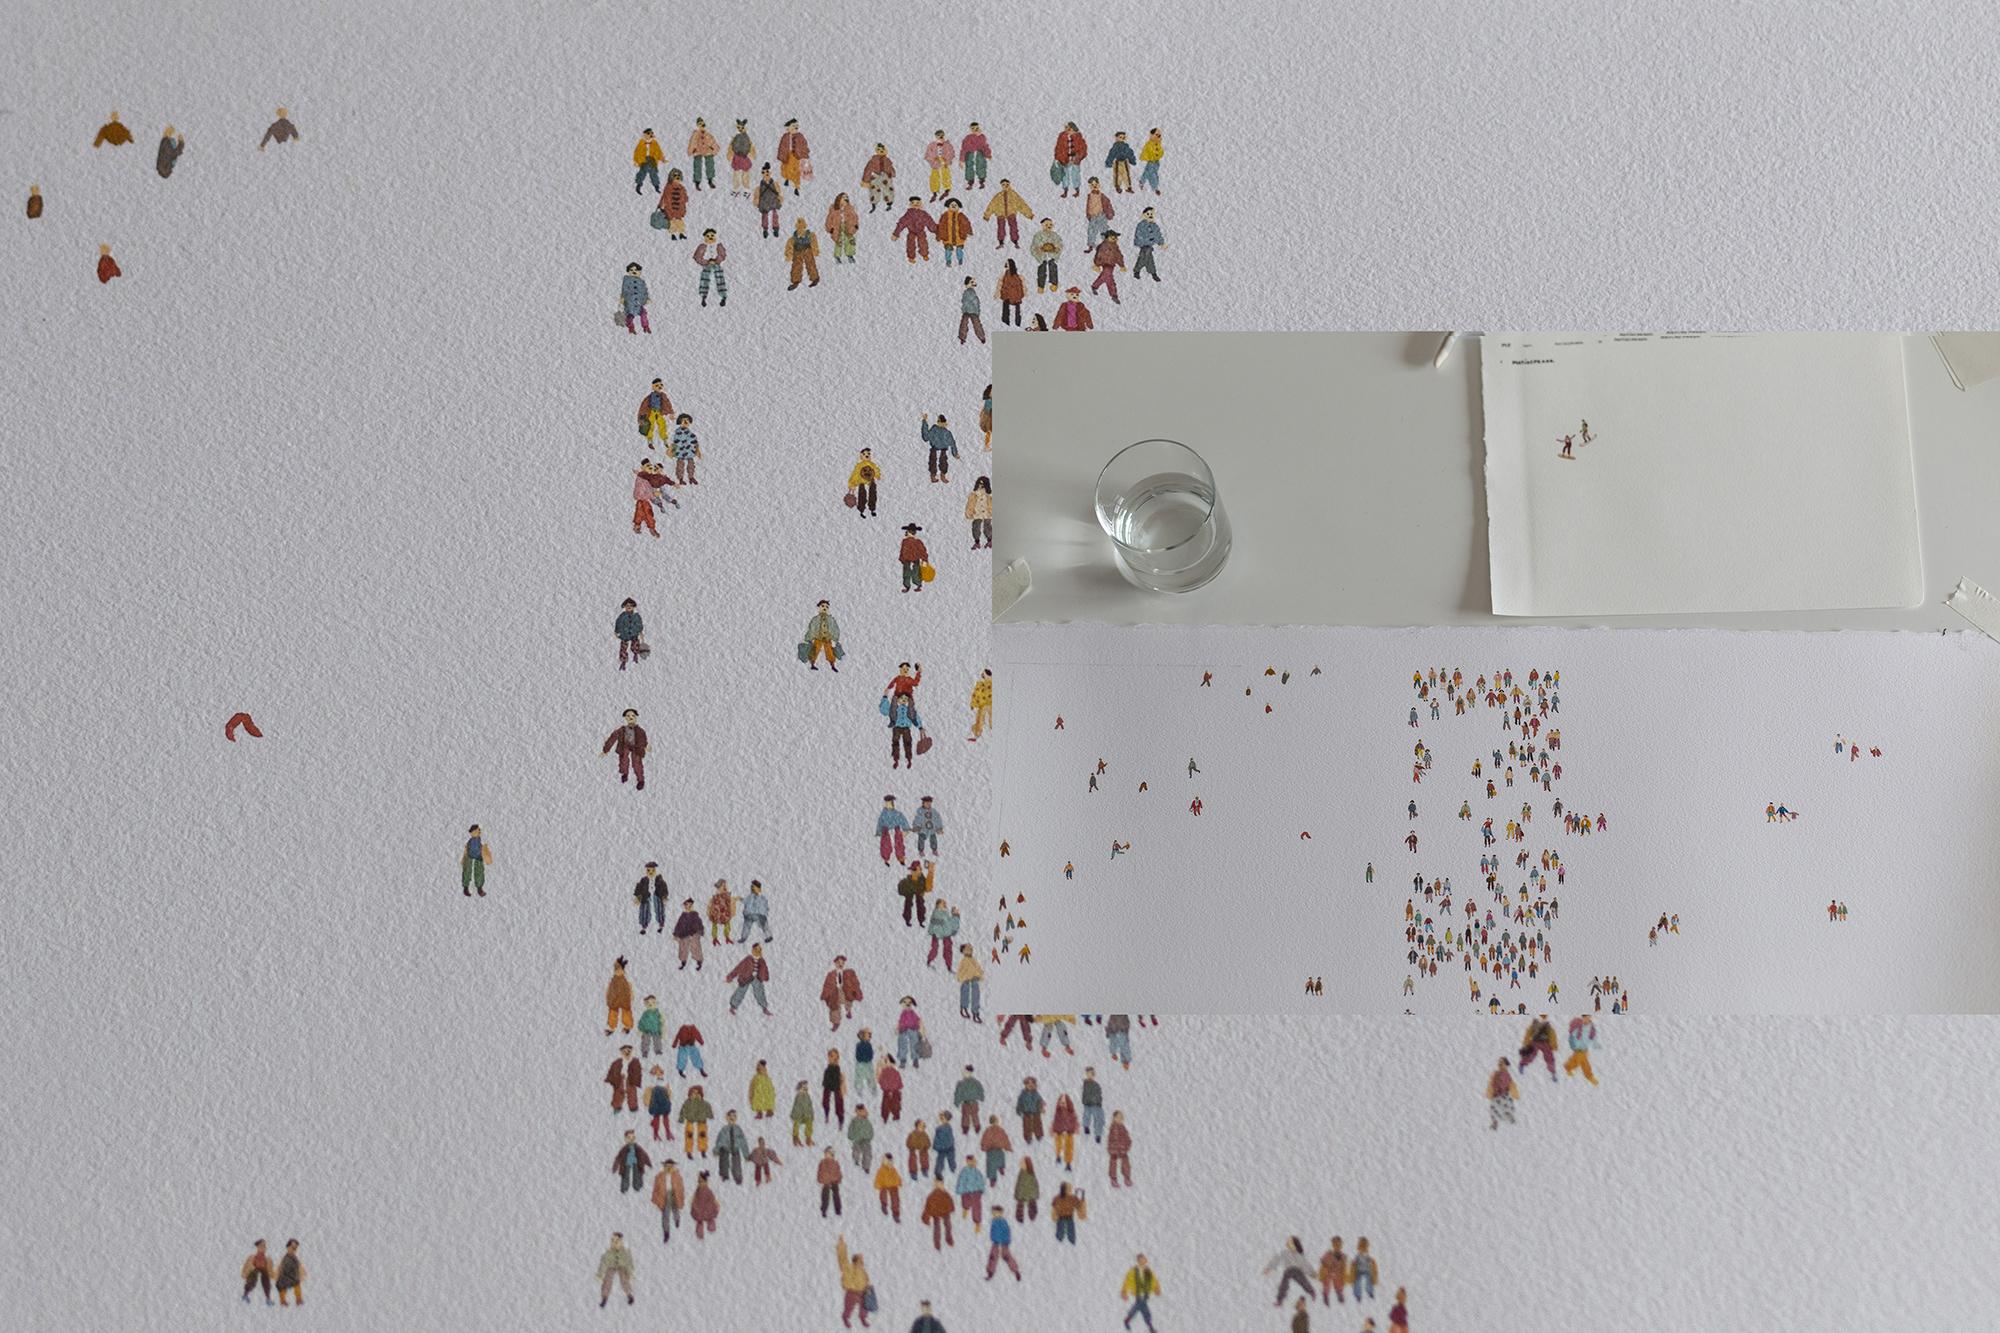 Colección, la exposición del Ilustrador Matías Prado